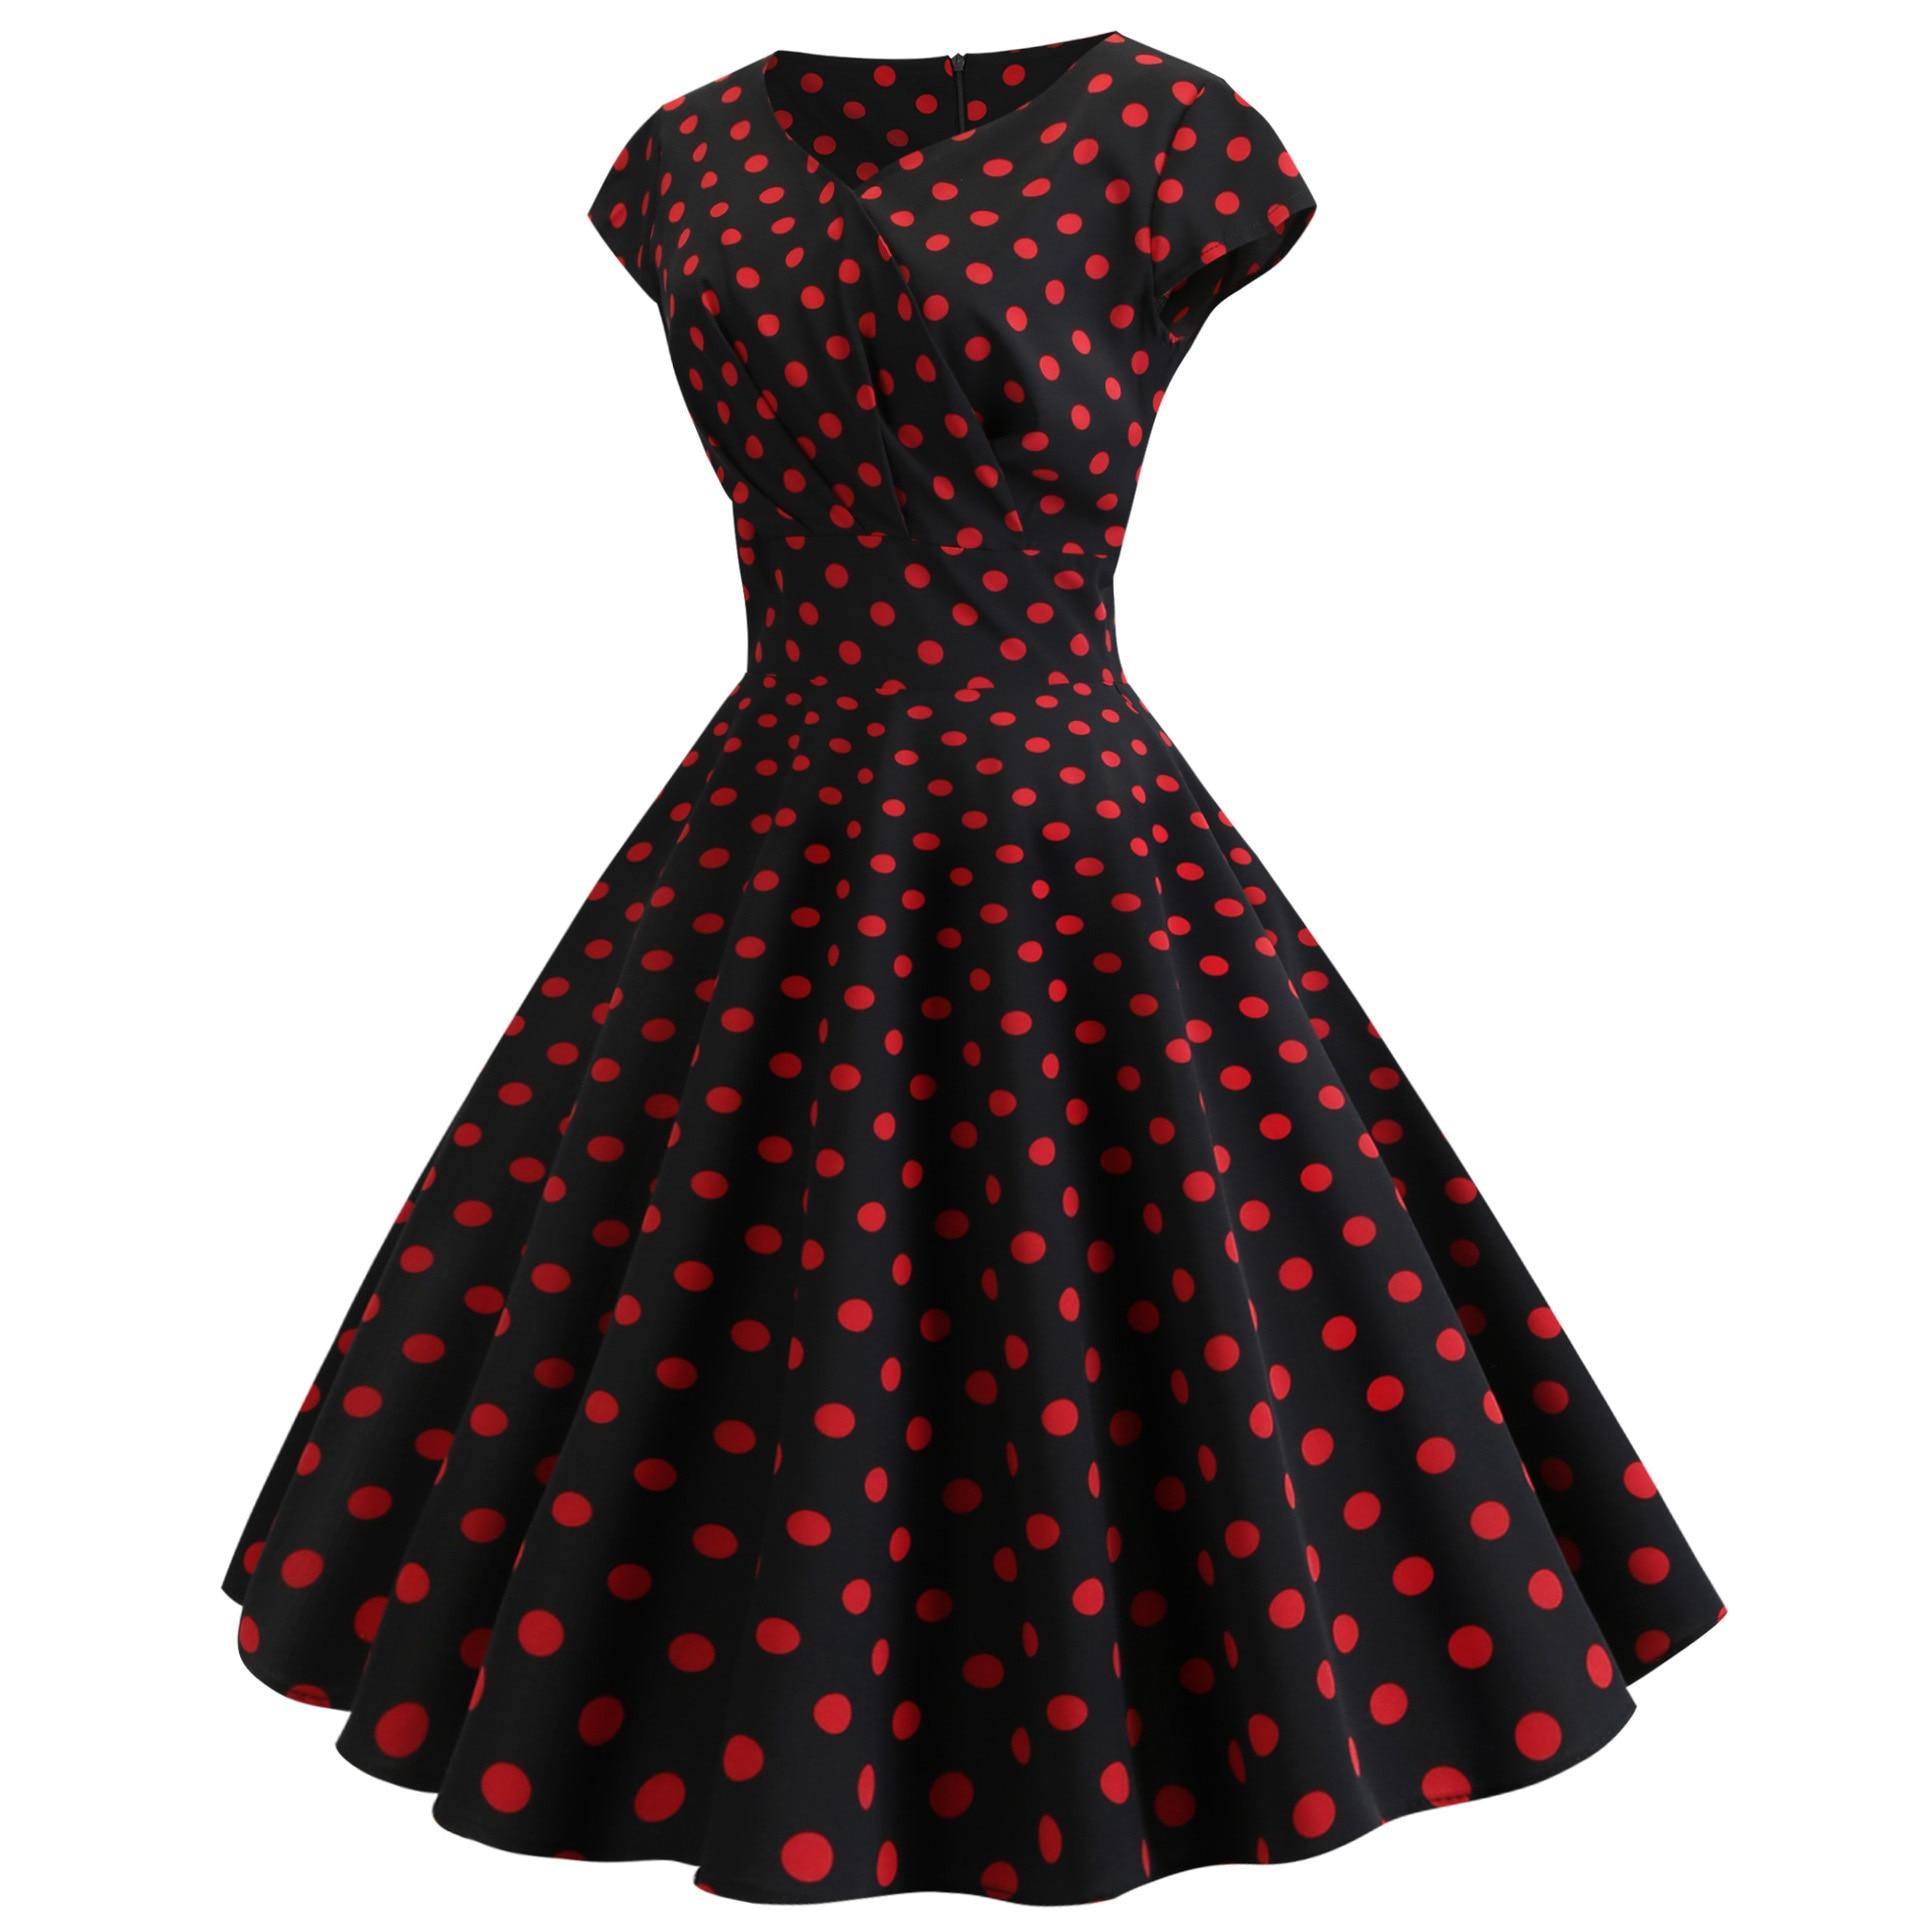 Black White Polka Dot Vintage Dress Summer Women Sleeveless Retro Robe Rockabilly Dresses Party Jurkjes Vestidos in Dresses from Women 39 s Clothing